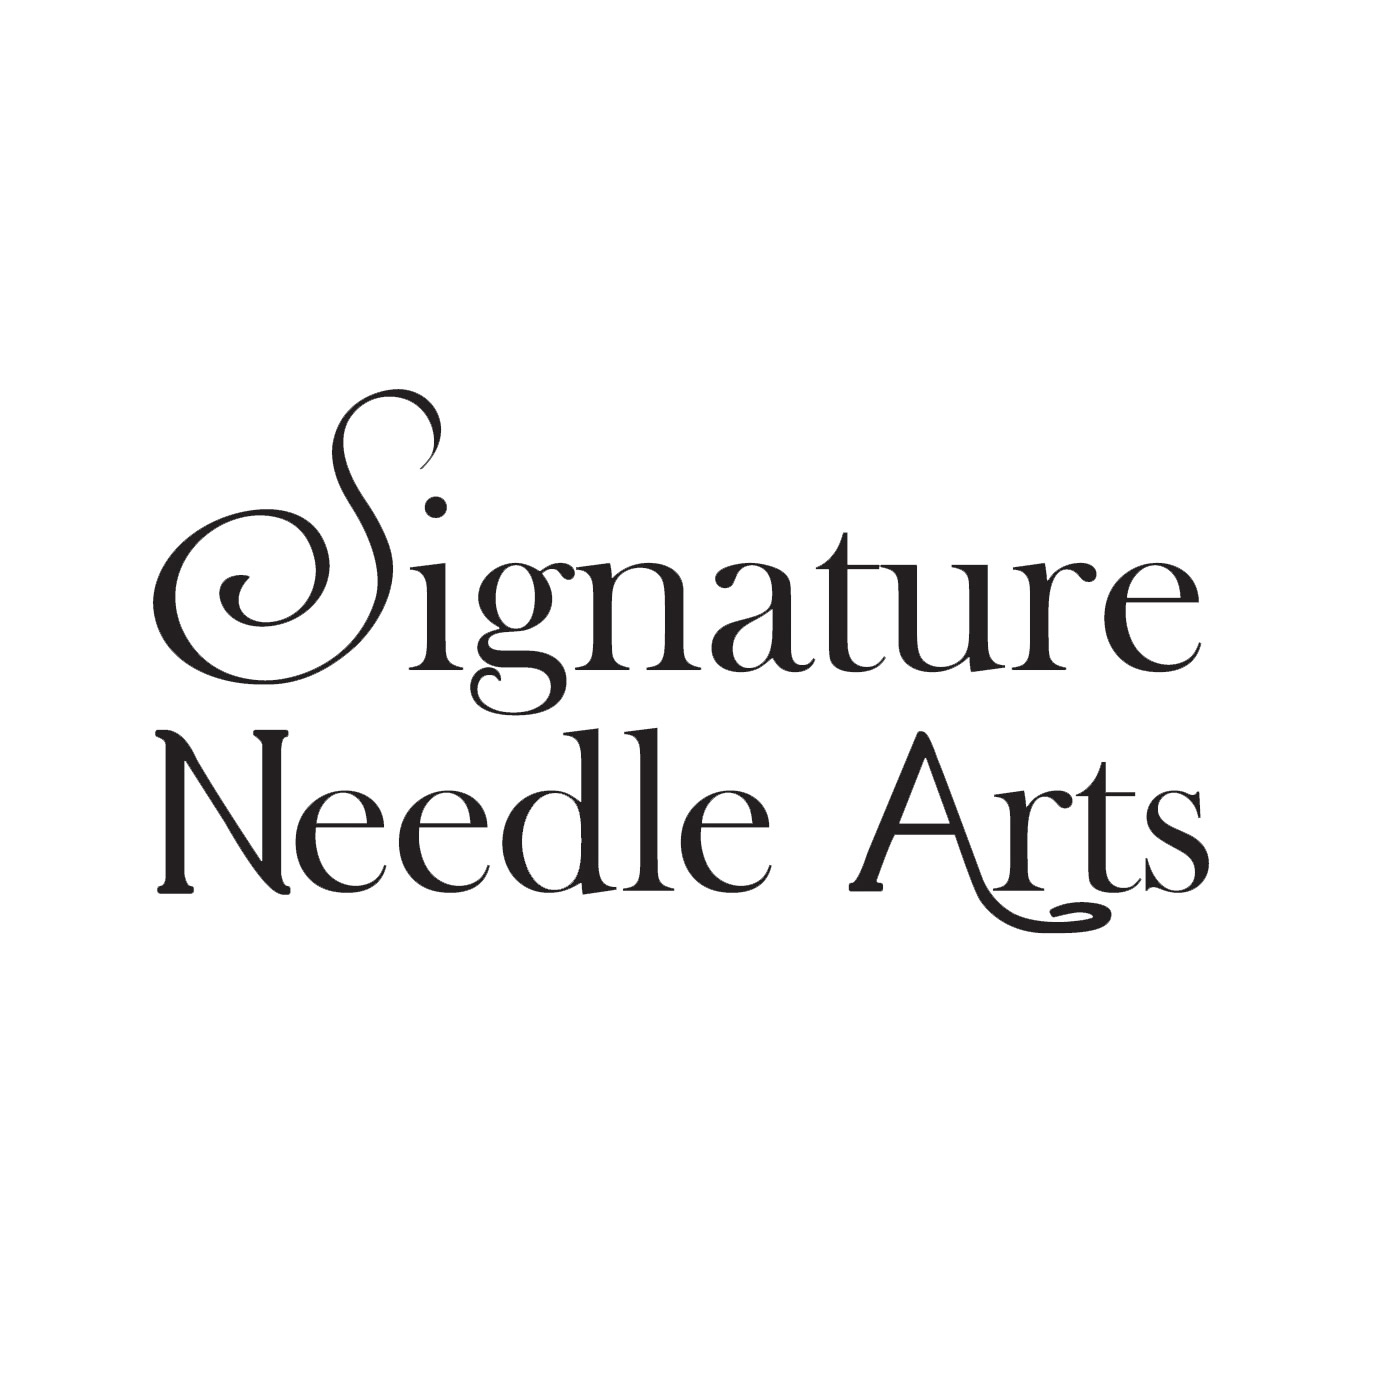 signature needle arts logo